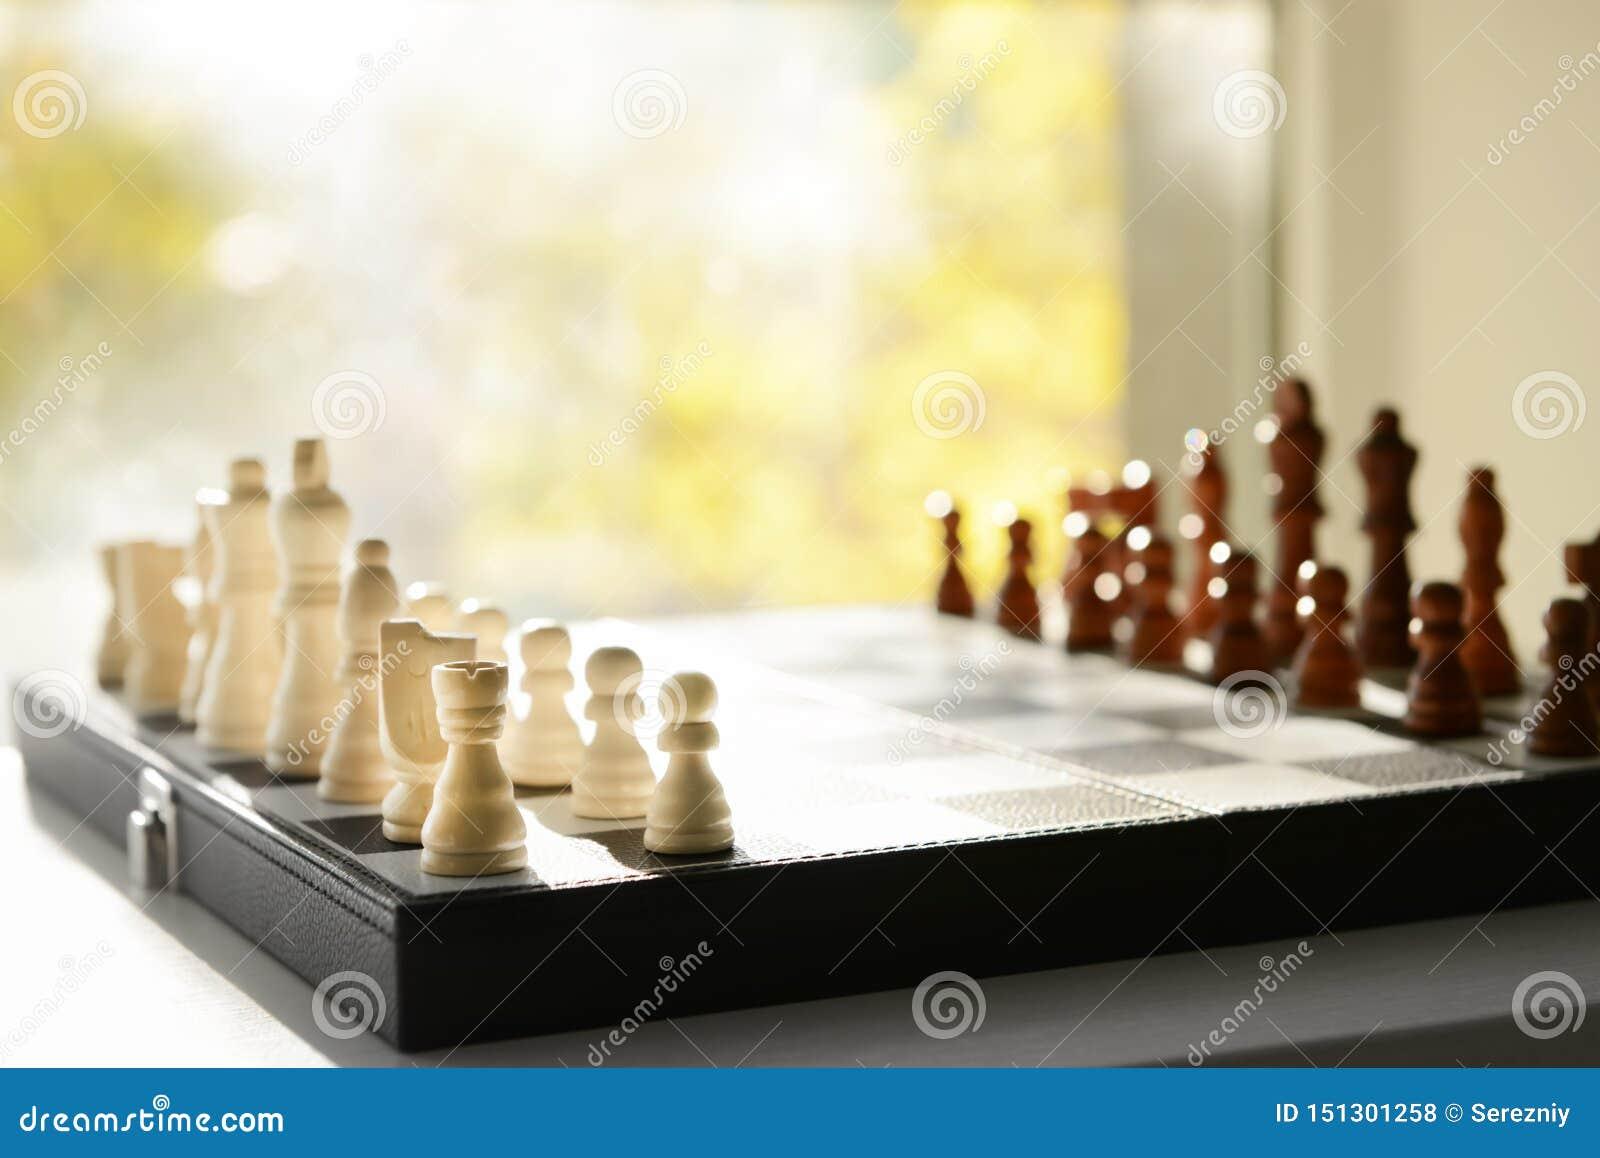 与棋子的比赛板在窗台